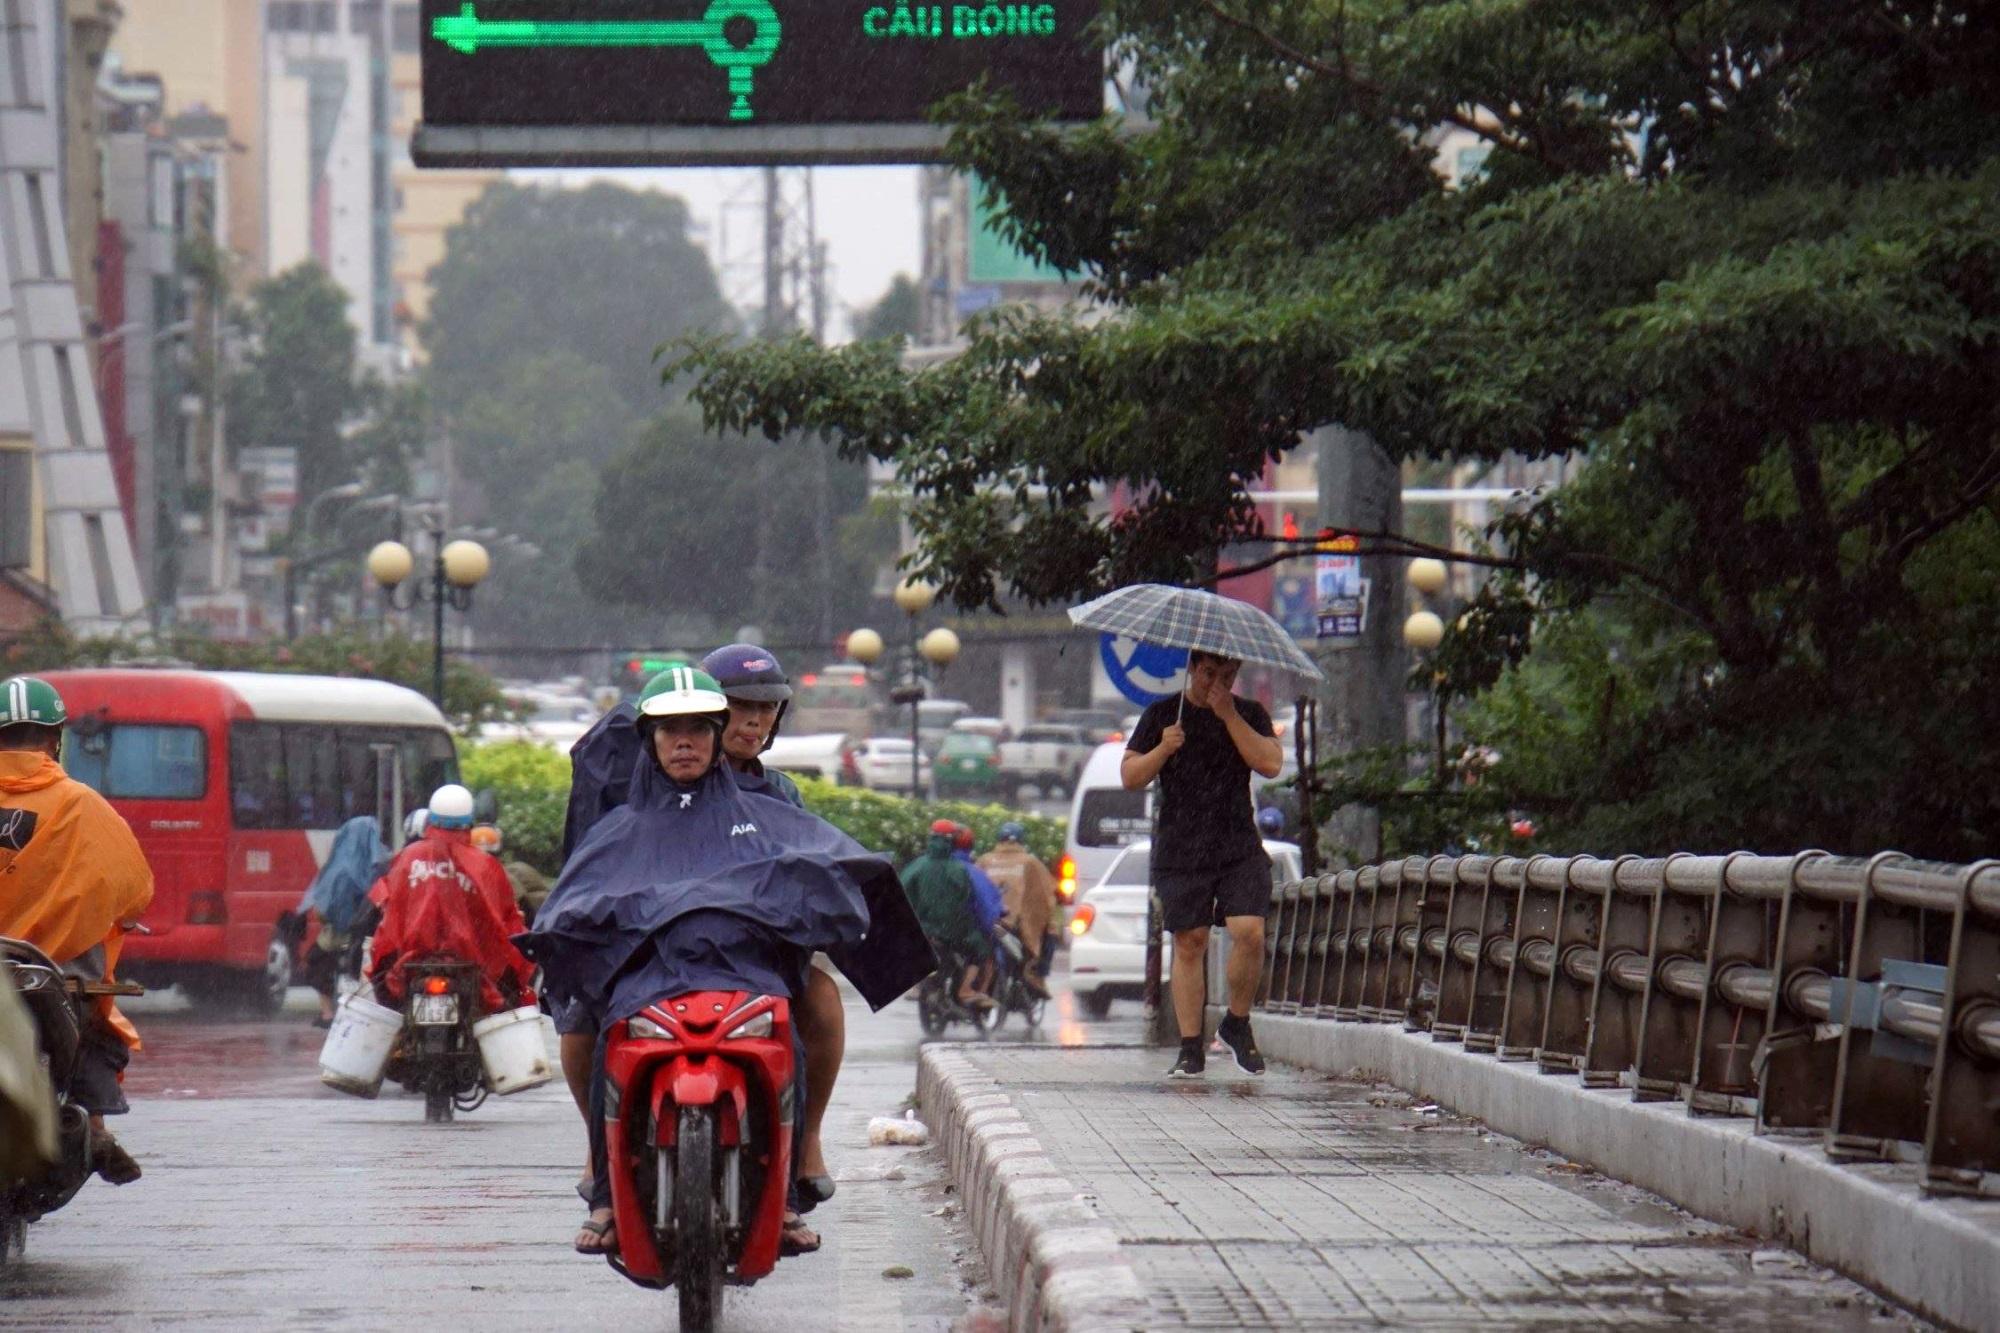 Sài Gòn mưa như trút nước, du khách thoải mái dạo mưa chụp ảnh - Ảnh 7